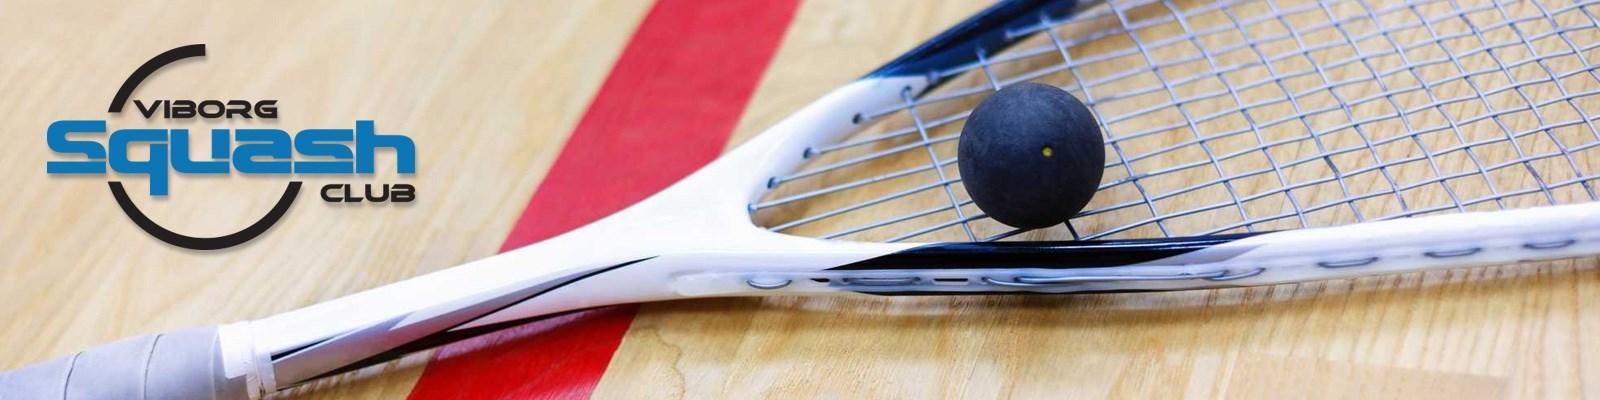 Viborg Squash Club